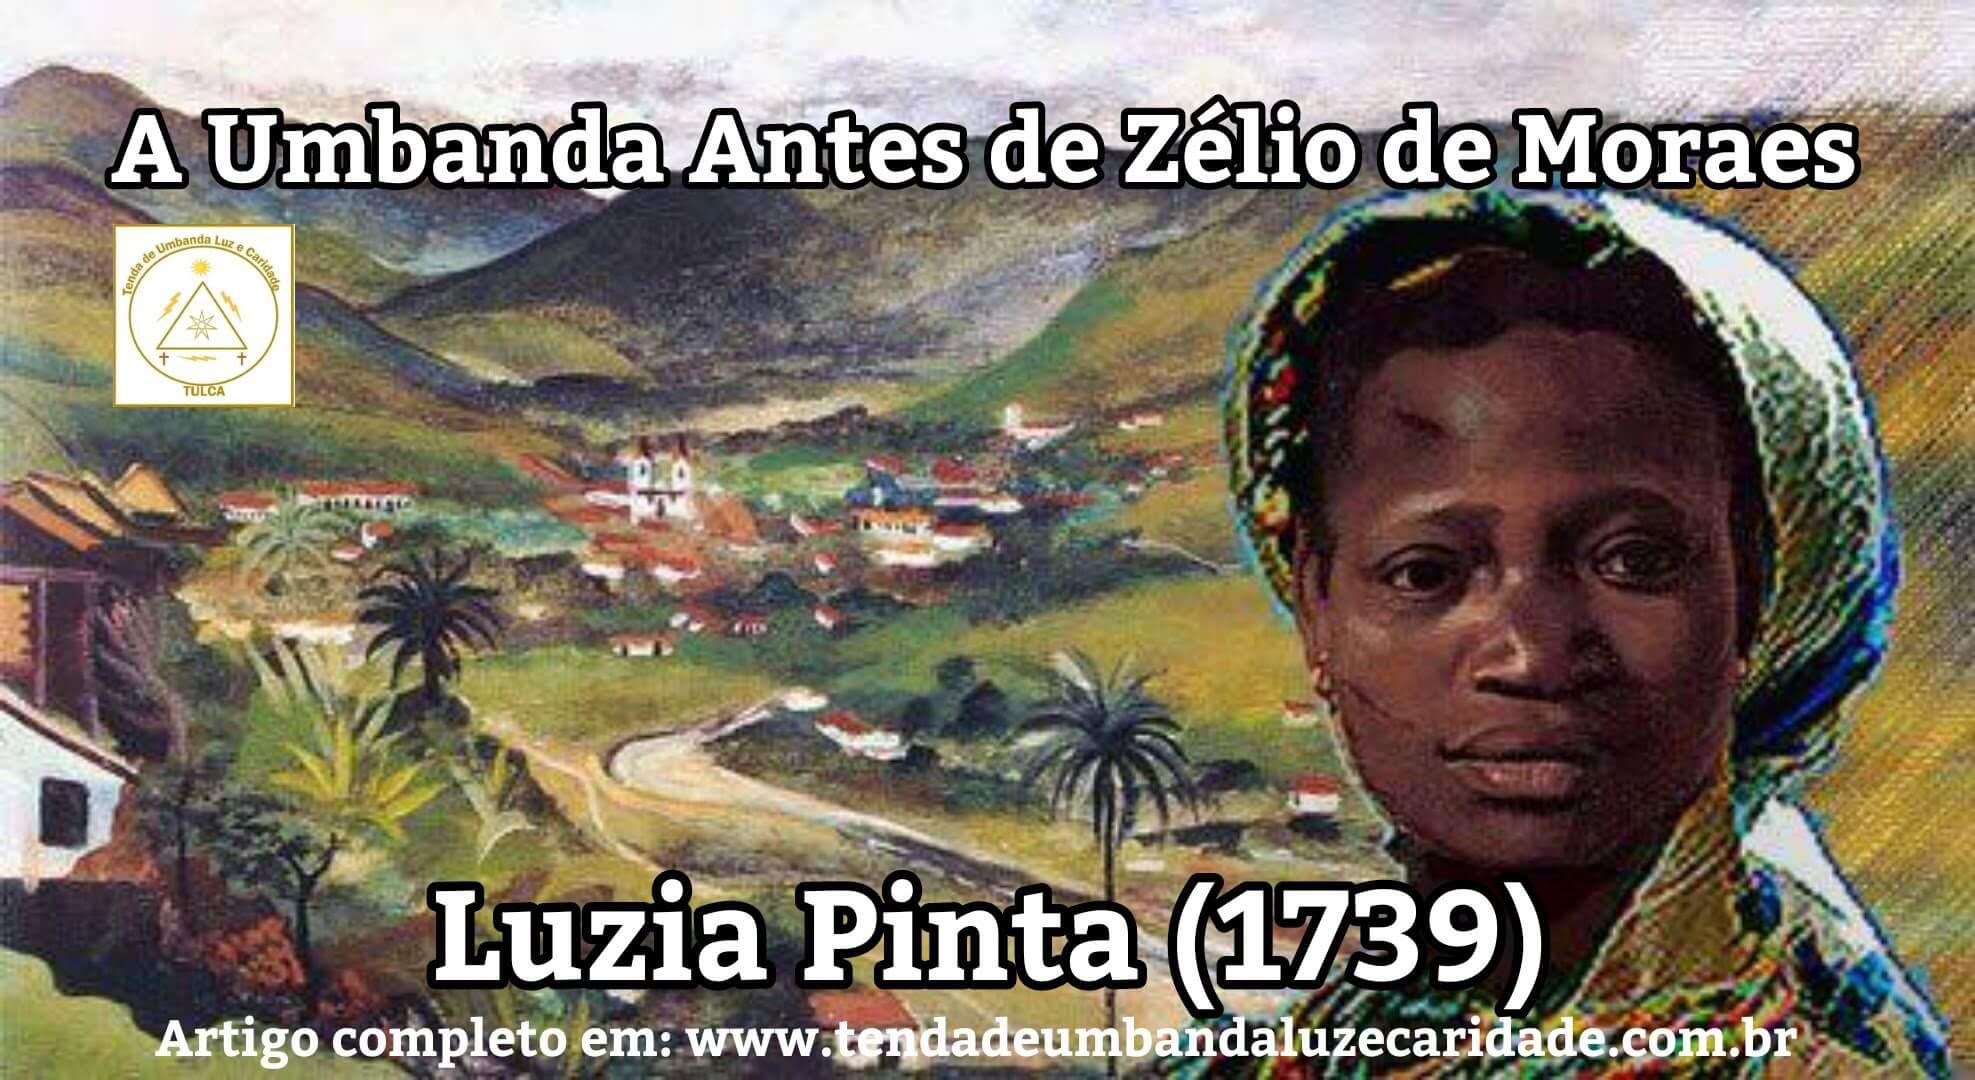 A Umbanda Antes de Zélio de Moraes